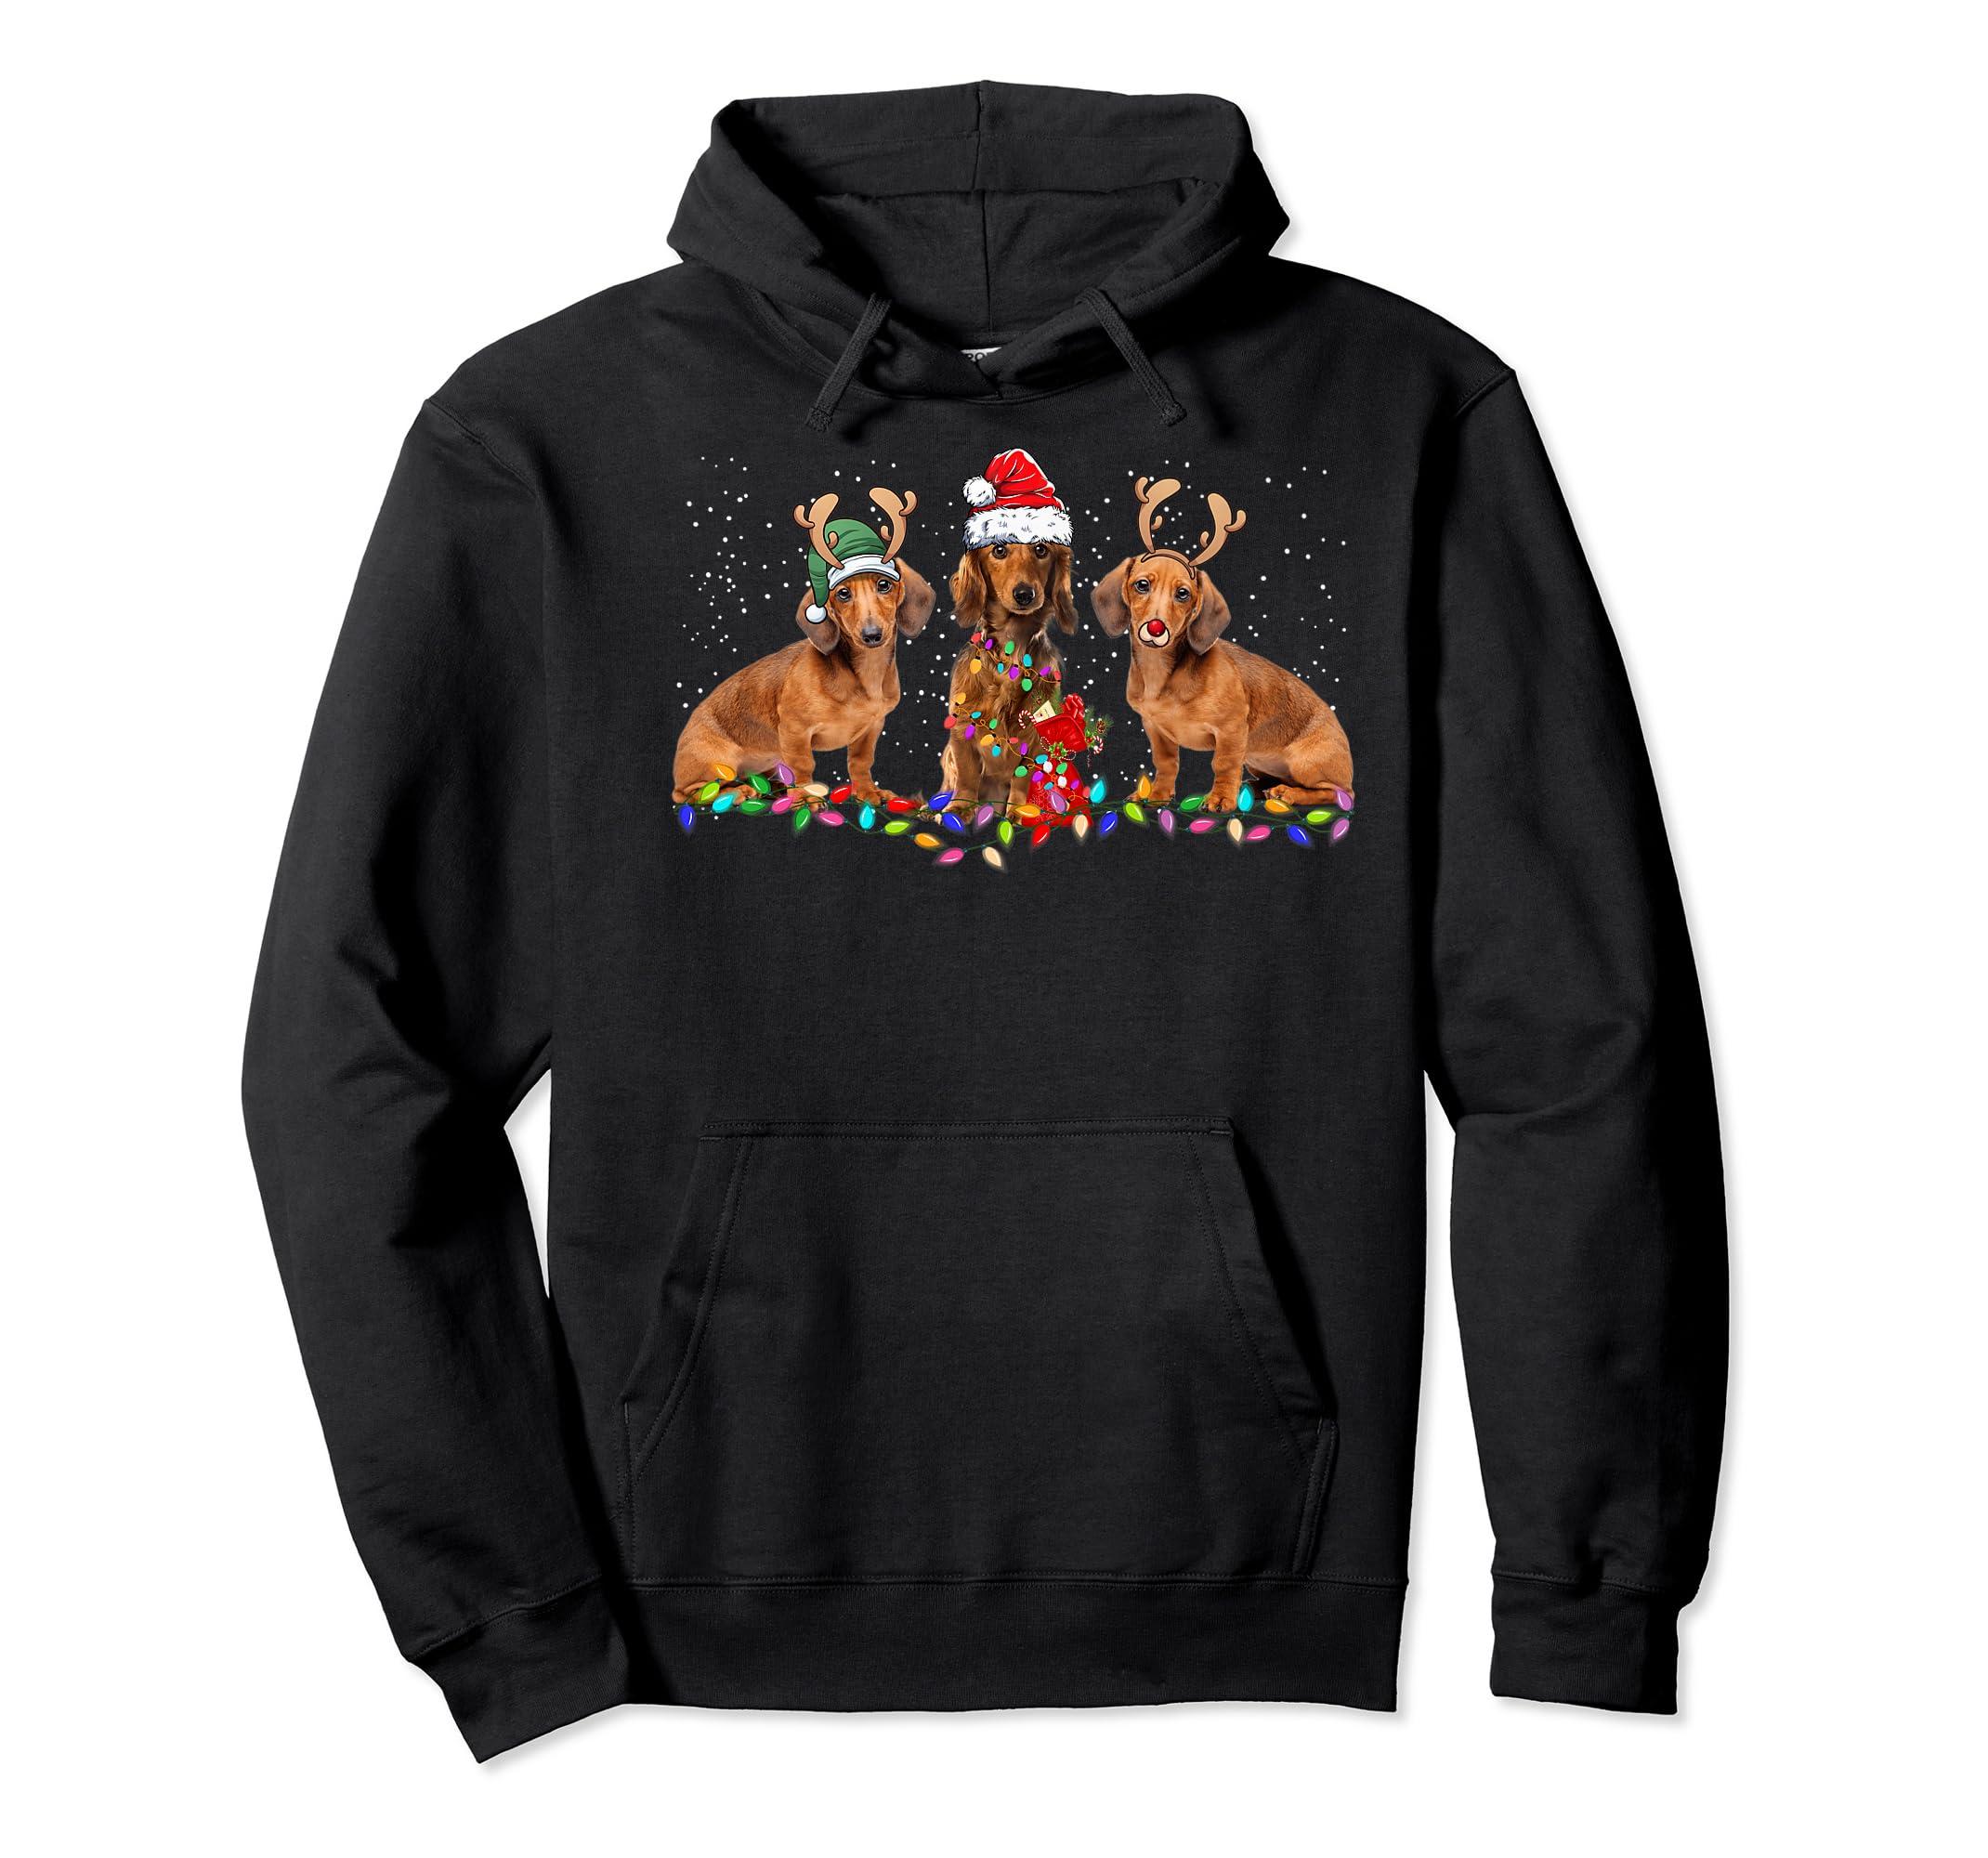 Three Dachshund Dogs Christmas Santa Hat Lights Xmas Gift Premium T-Shirt-Hoodie-Black